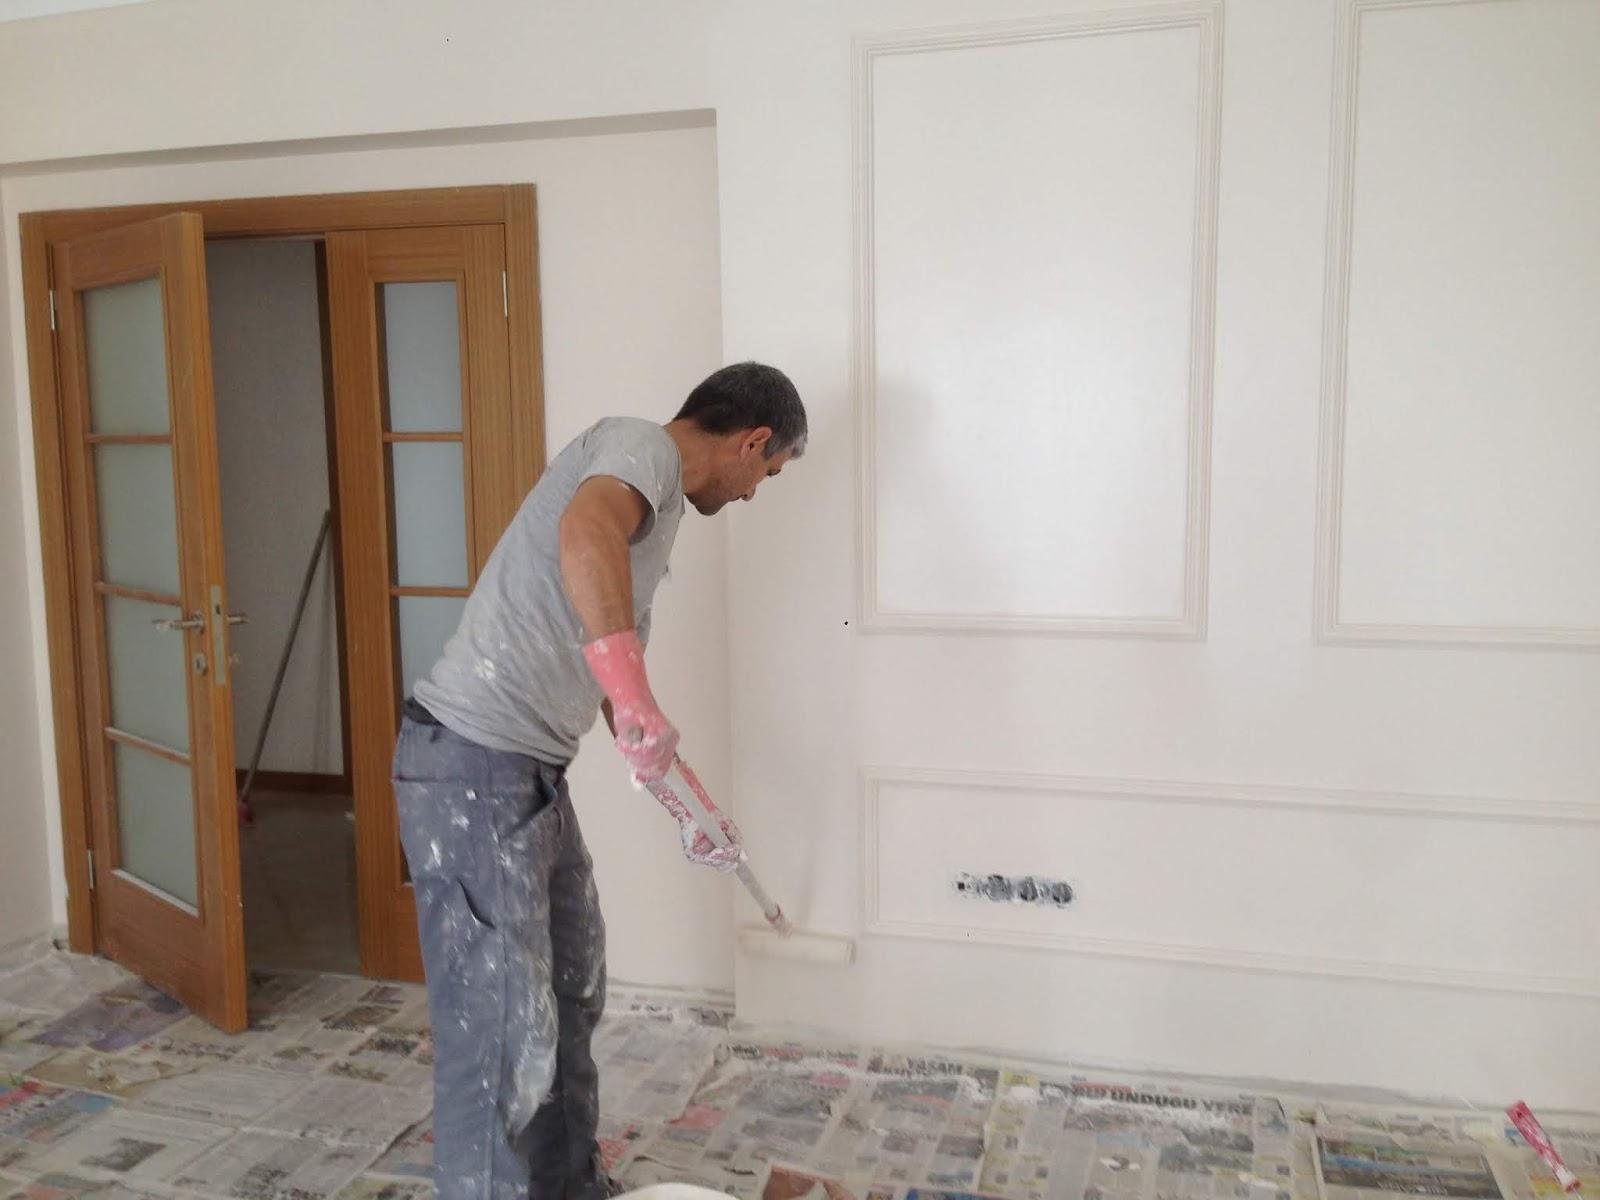 Rüyada Yabancı Başkasının Büyük Evini Çok Boyadığını Mekânda Görmek